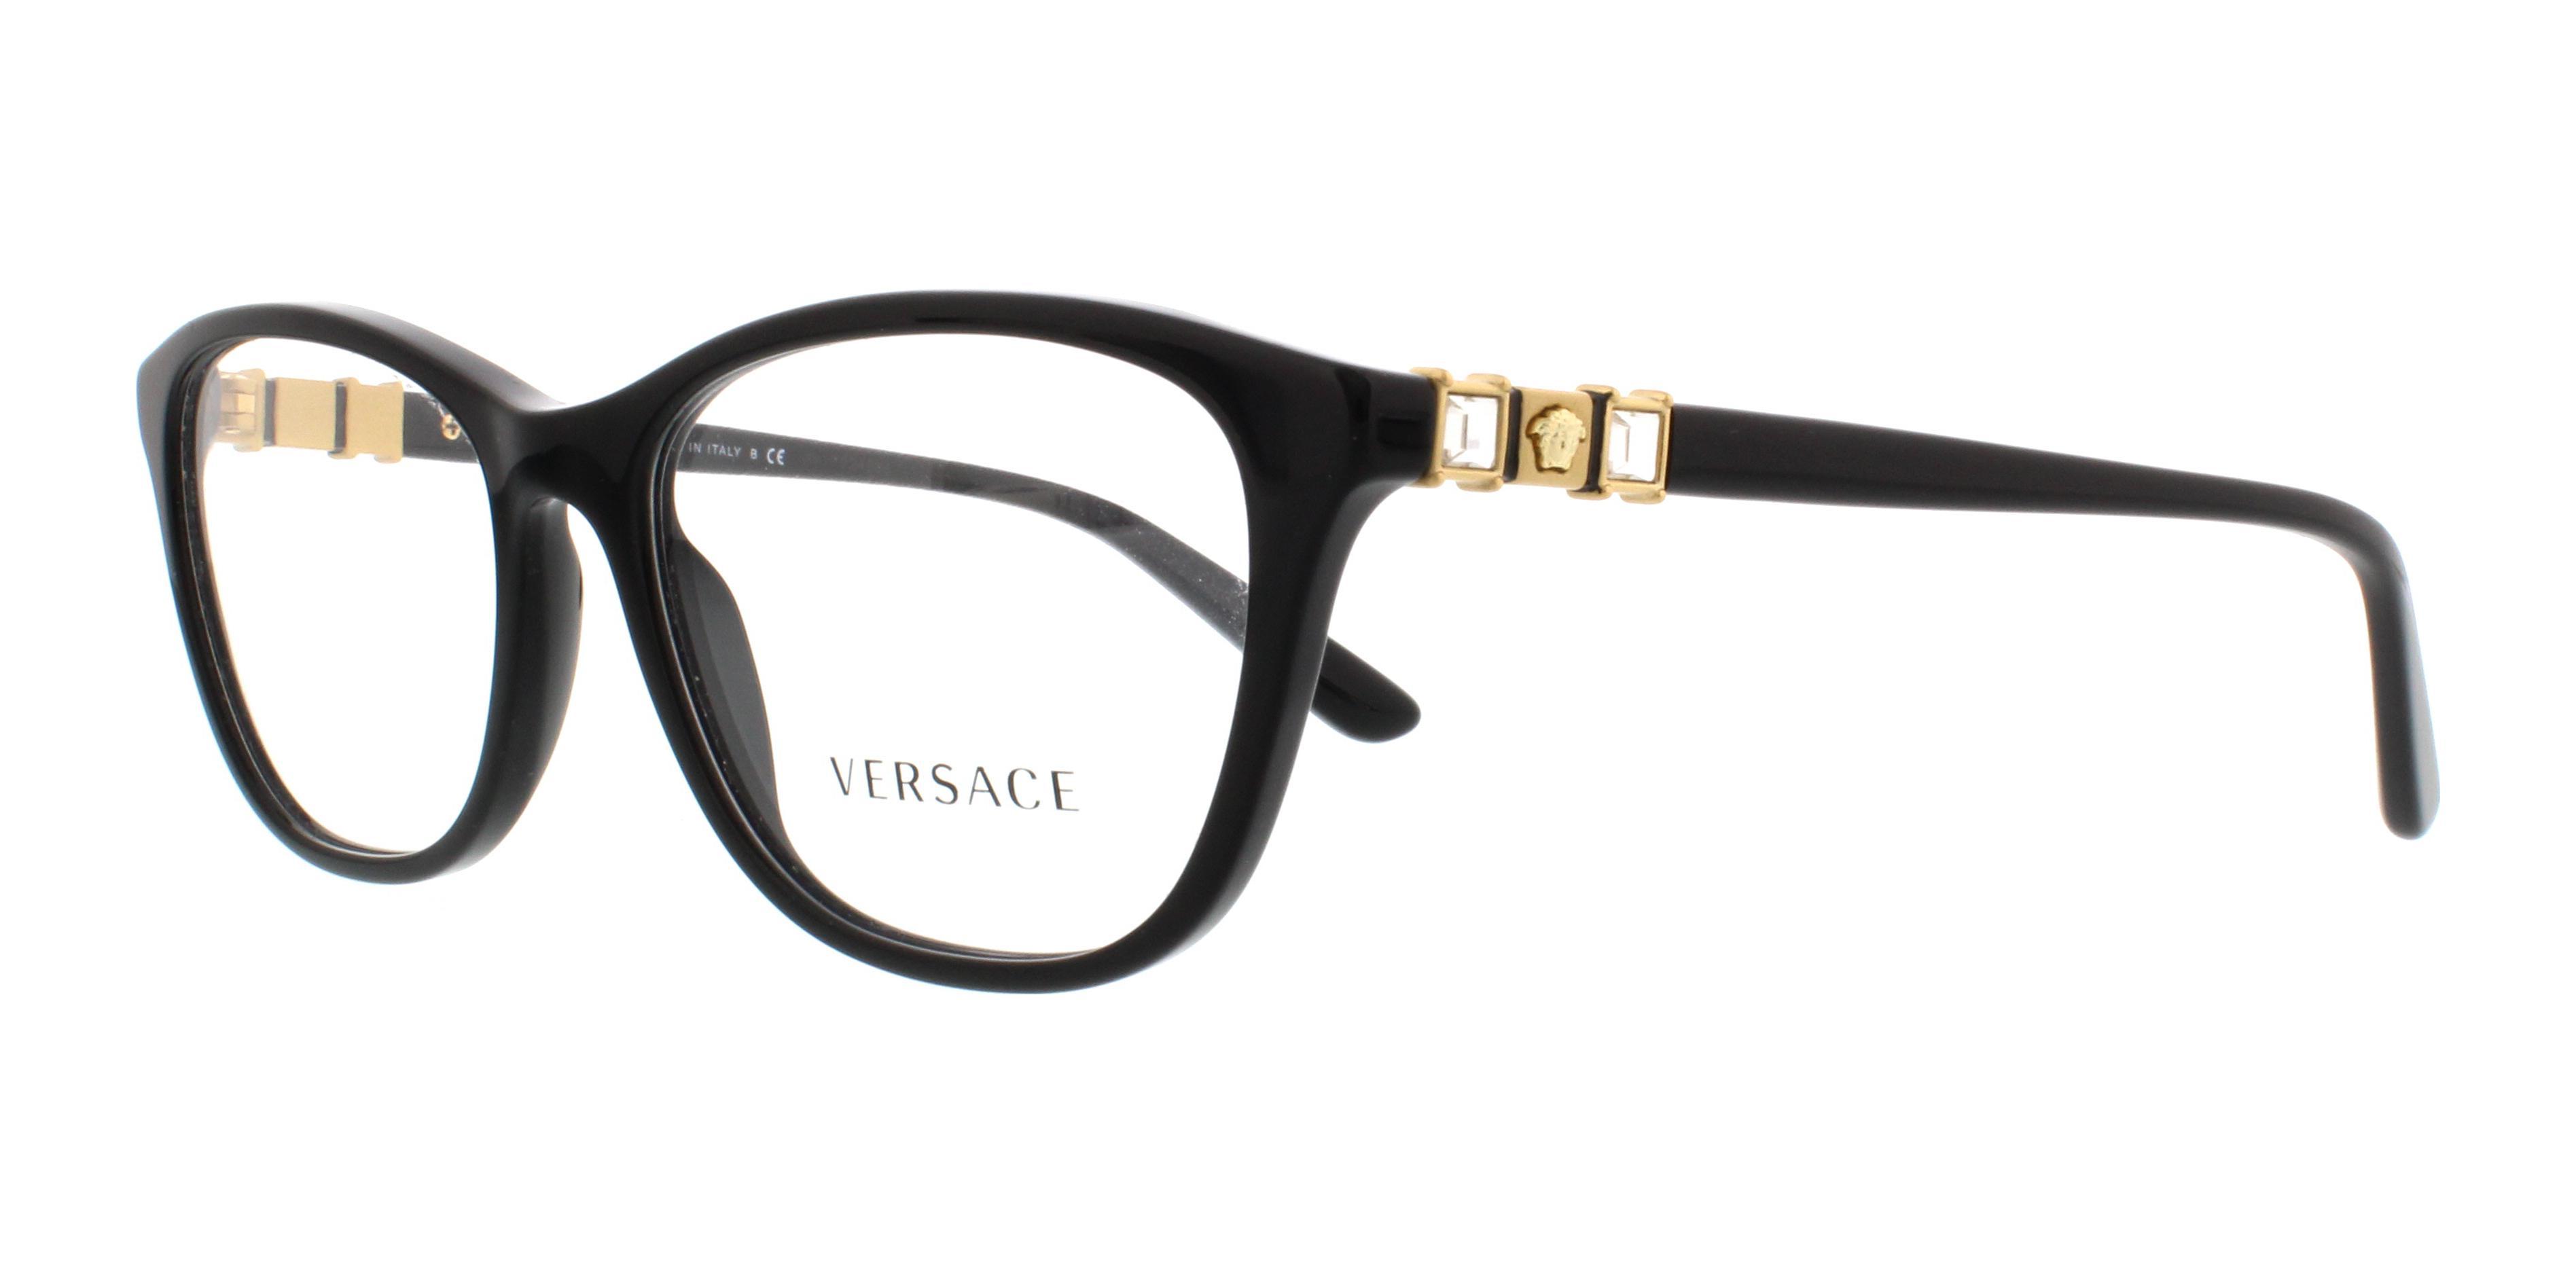 25897d35abc2 Designer Frames Outlet. Versace VE3213B